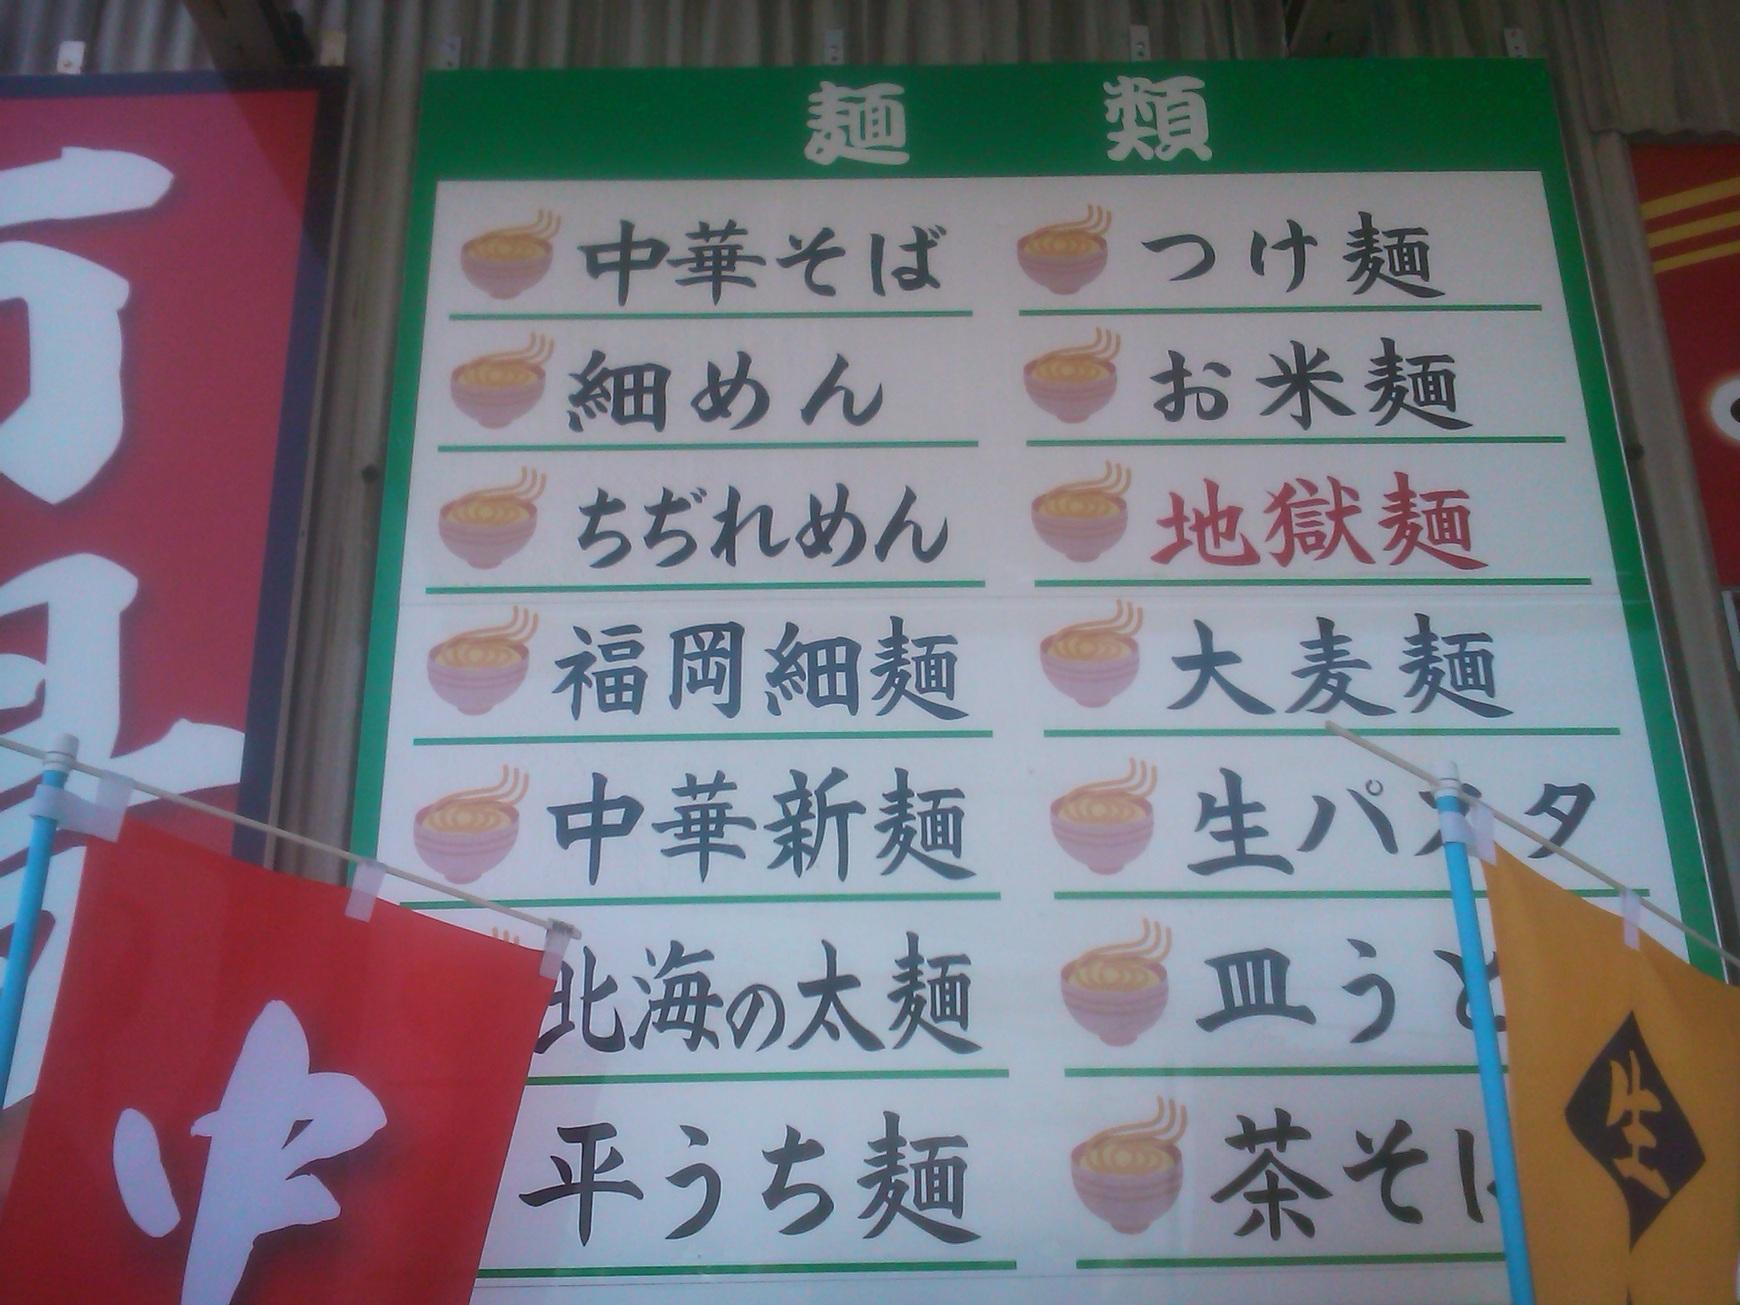 麺市場 武居製麺